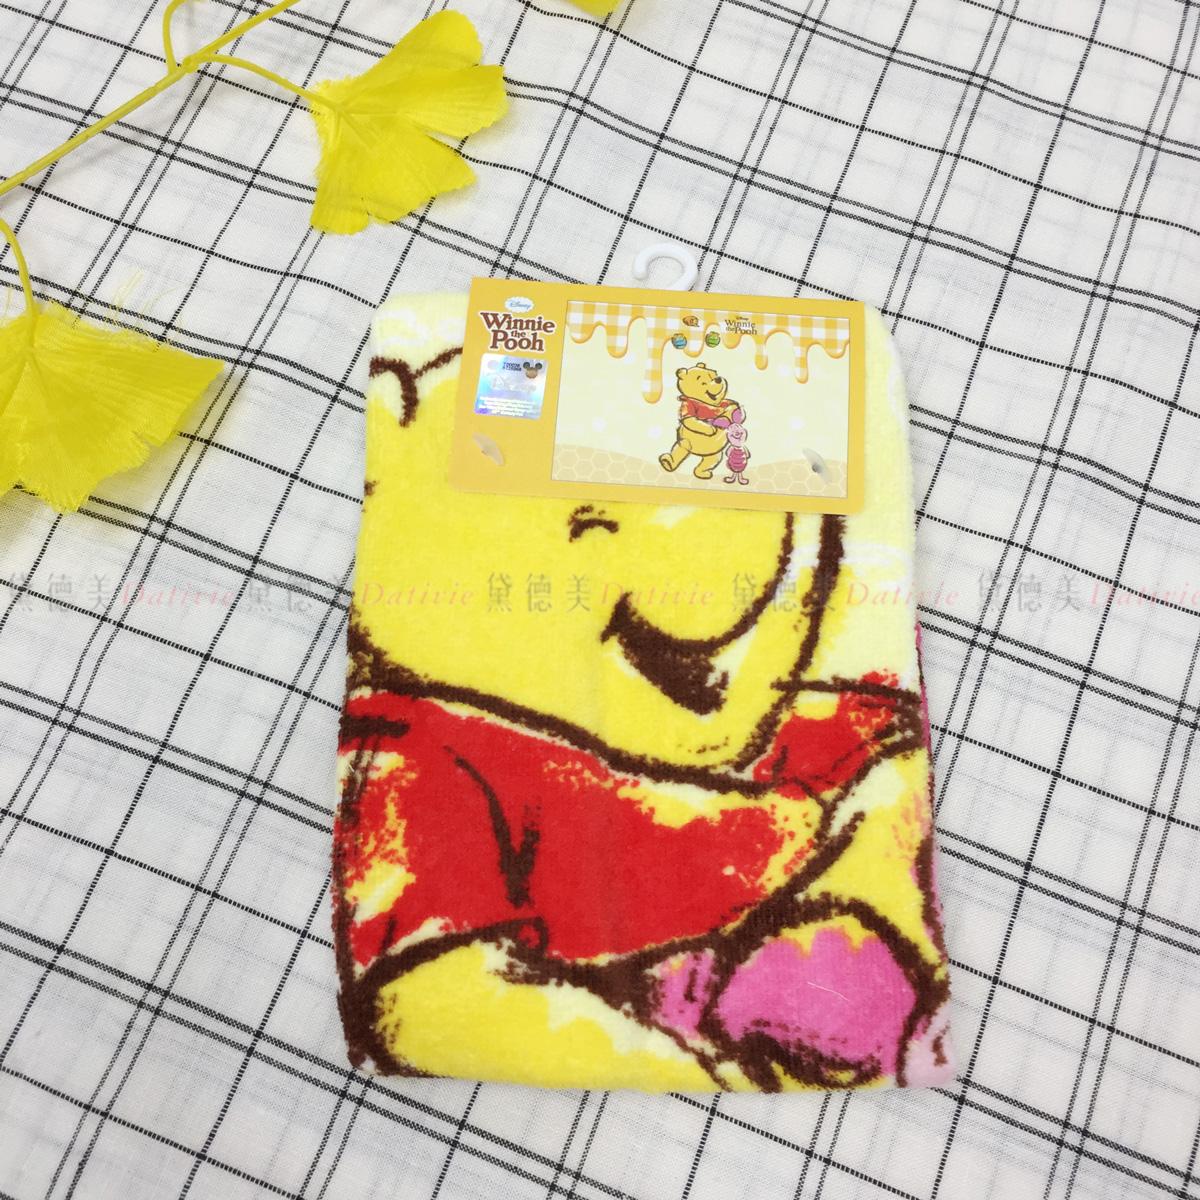 童巾 迪士尼 小熊維尼 Winnie the Pooh 純棉毛巾 正版授權